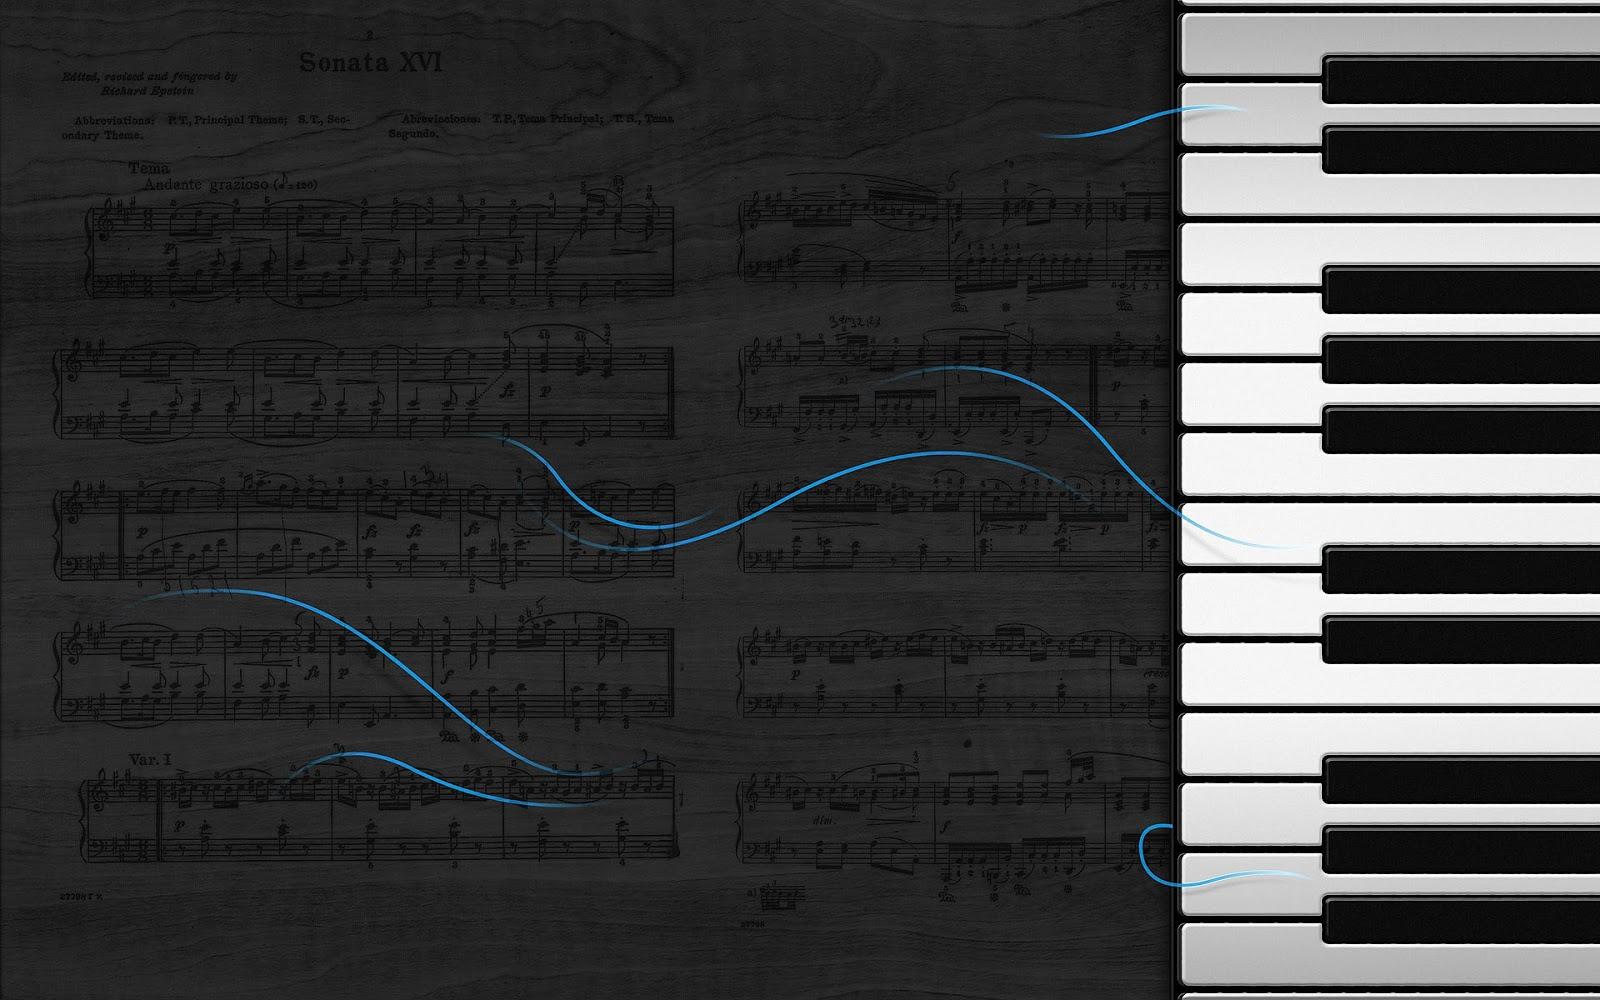 http://1.bp.blogspot.com/-E_4WD4fd6kM/UHx1b9QrmfI/AAAAAAAAG4s/14V3EaS59B8/s1600/muziek-wallpaper-met-piano-en-noten.jpg